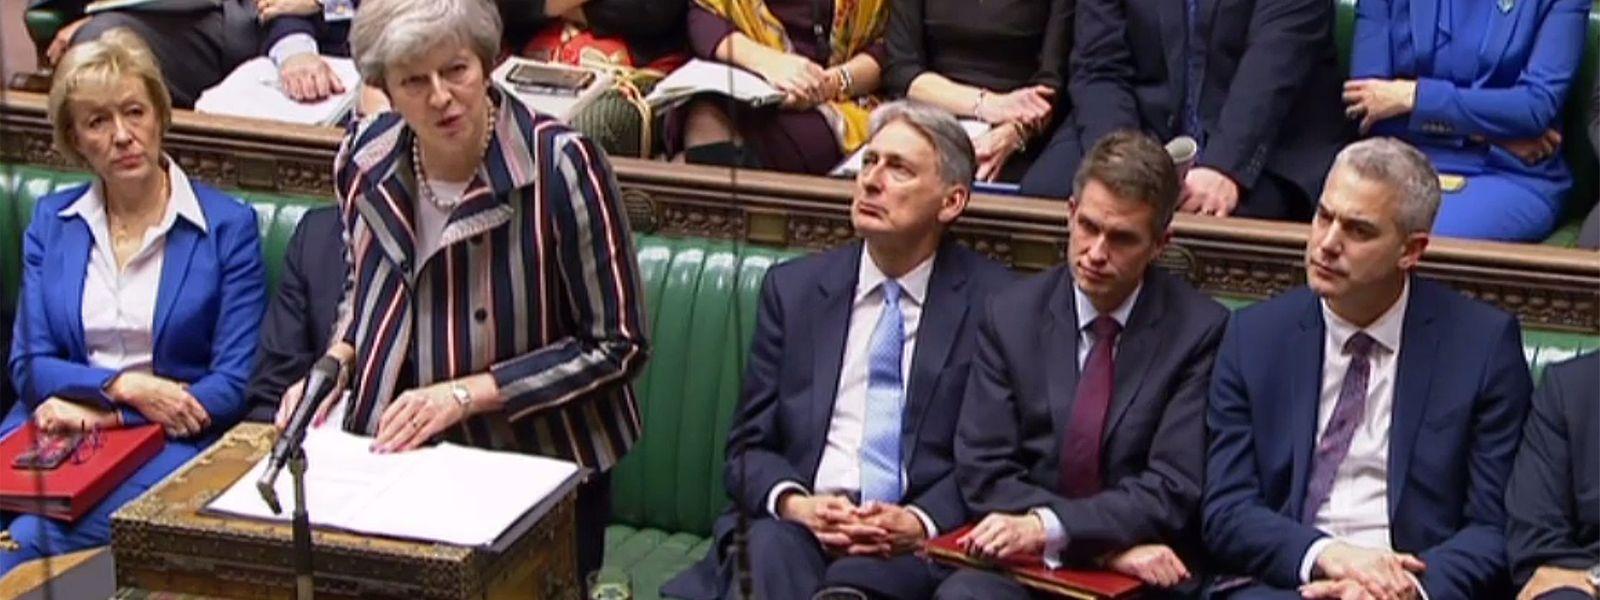 Diese Aufnahmen des Videosystems des Parlaments in London zeigen die britische Premierministerin Theresa May bei ihrer Rede zum Brexit-Abkommen.